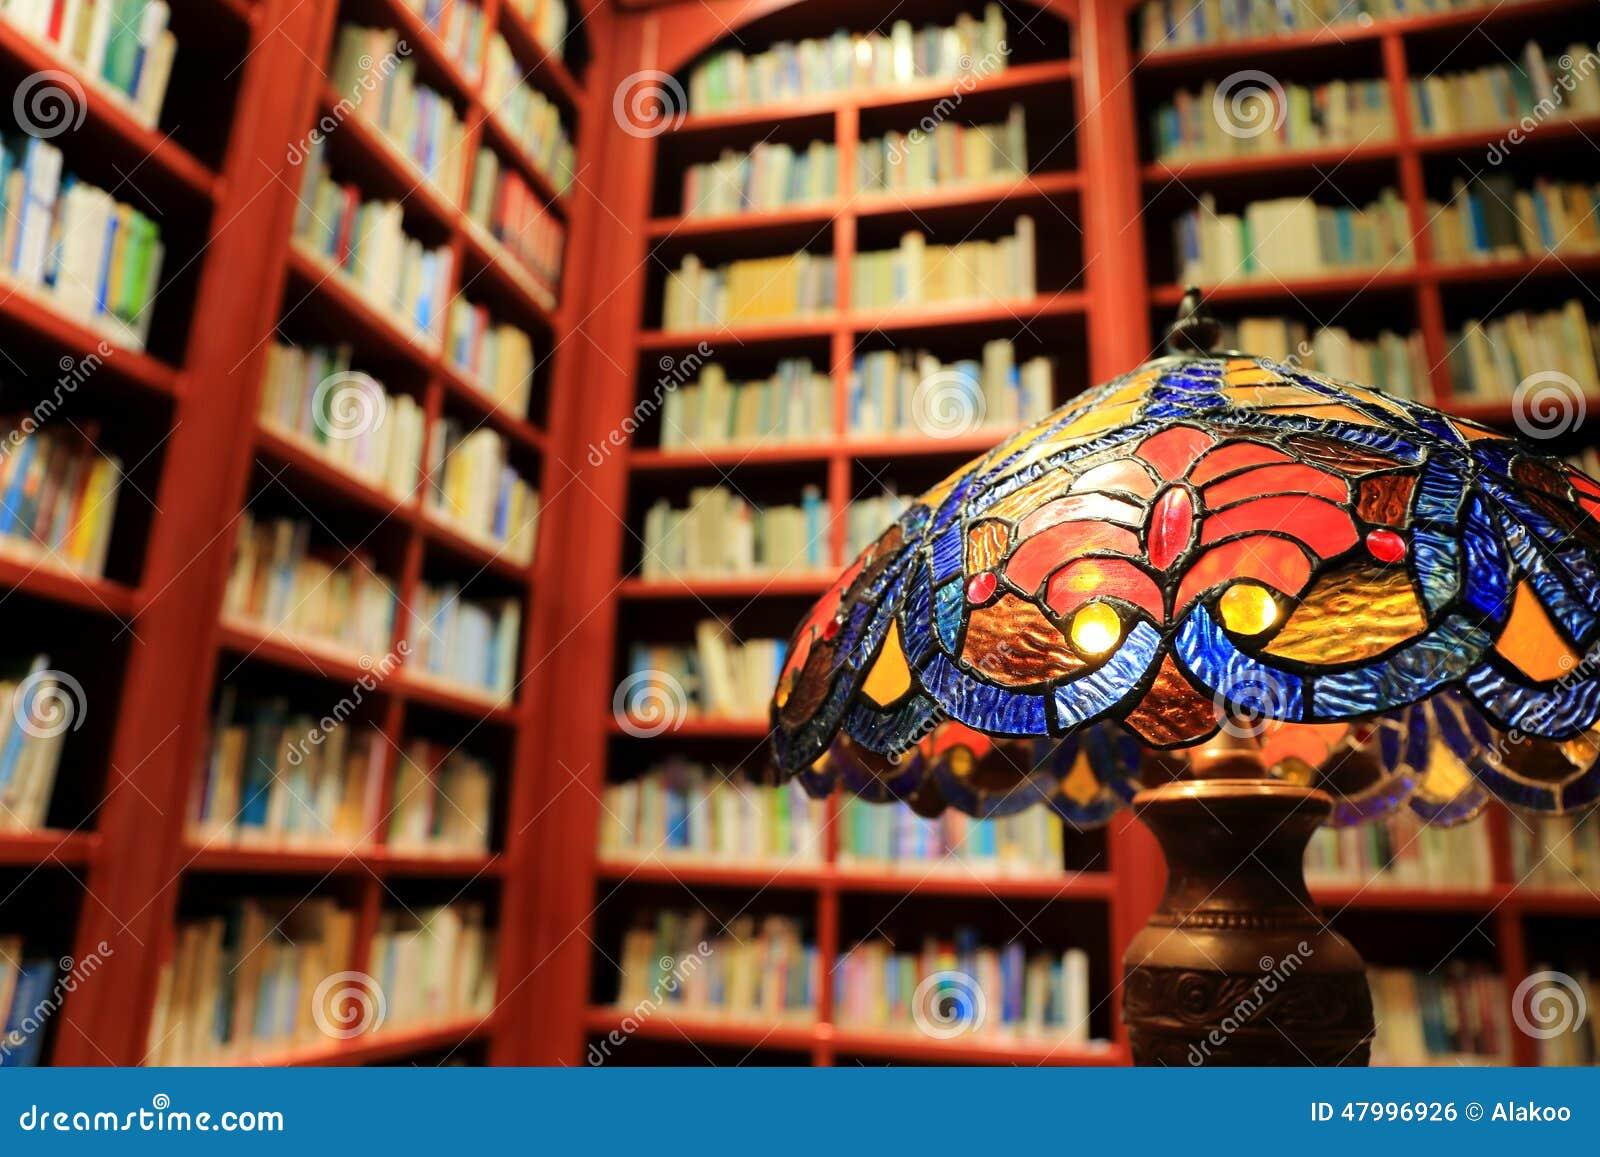 Lampada Da Tavolo D Annata Libri E Scaffale Per Libri In Biblioteca Concetto Di Vecchia Sala Di Lettura Delle Biblioteche Fotografia Stock Immagine Di Lampada Classico 47996926